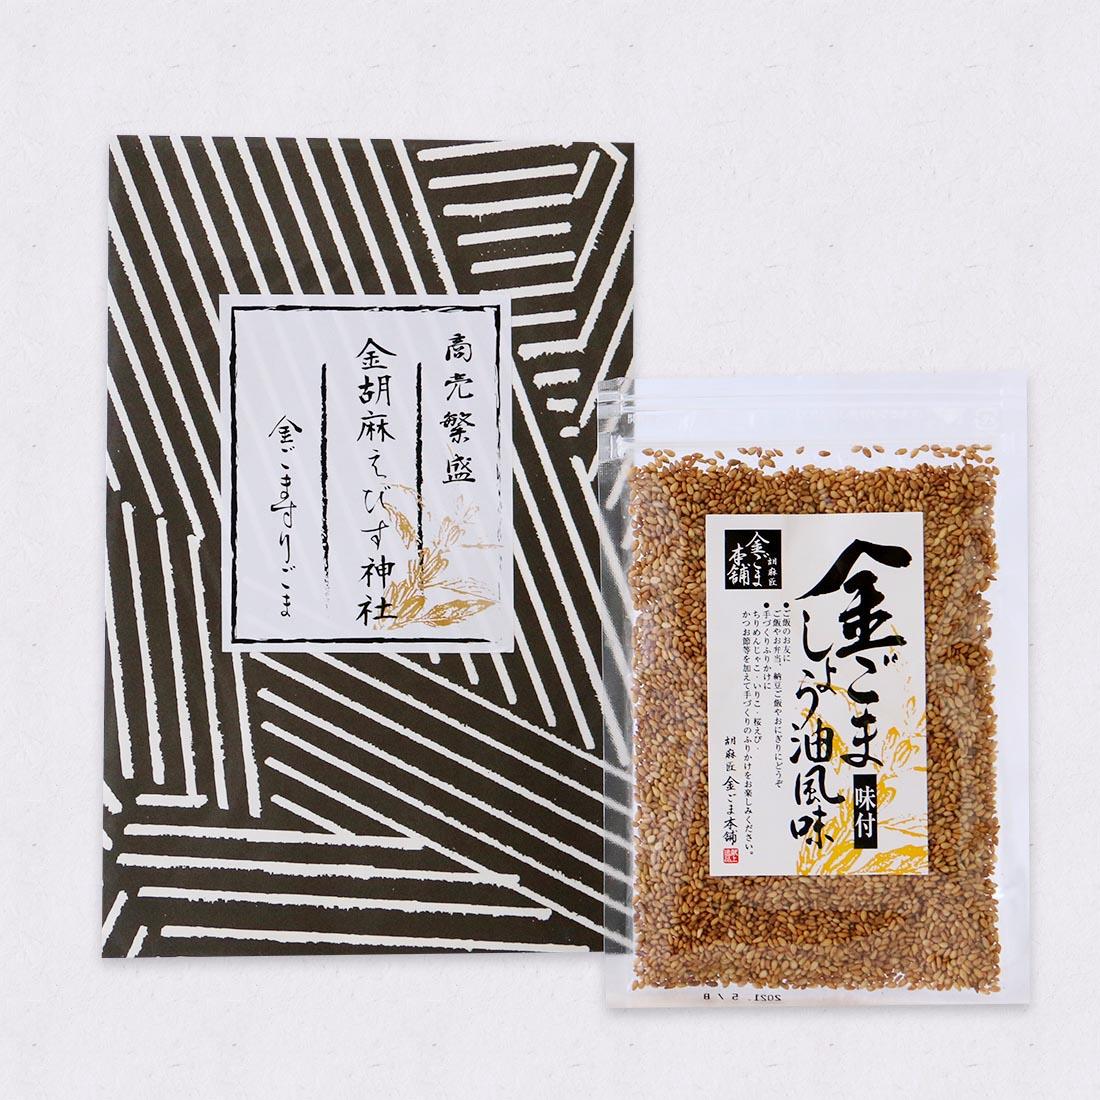 寺社向け金ごまギフト(お配り品) ギフト包装紙 1袋入り